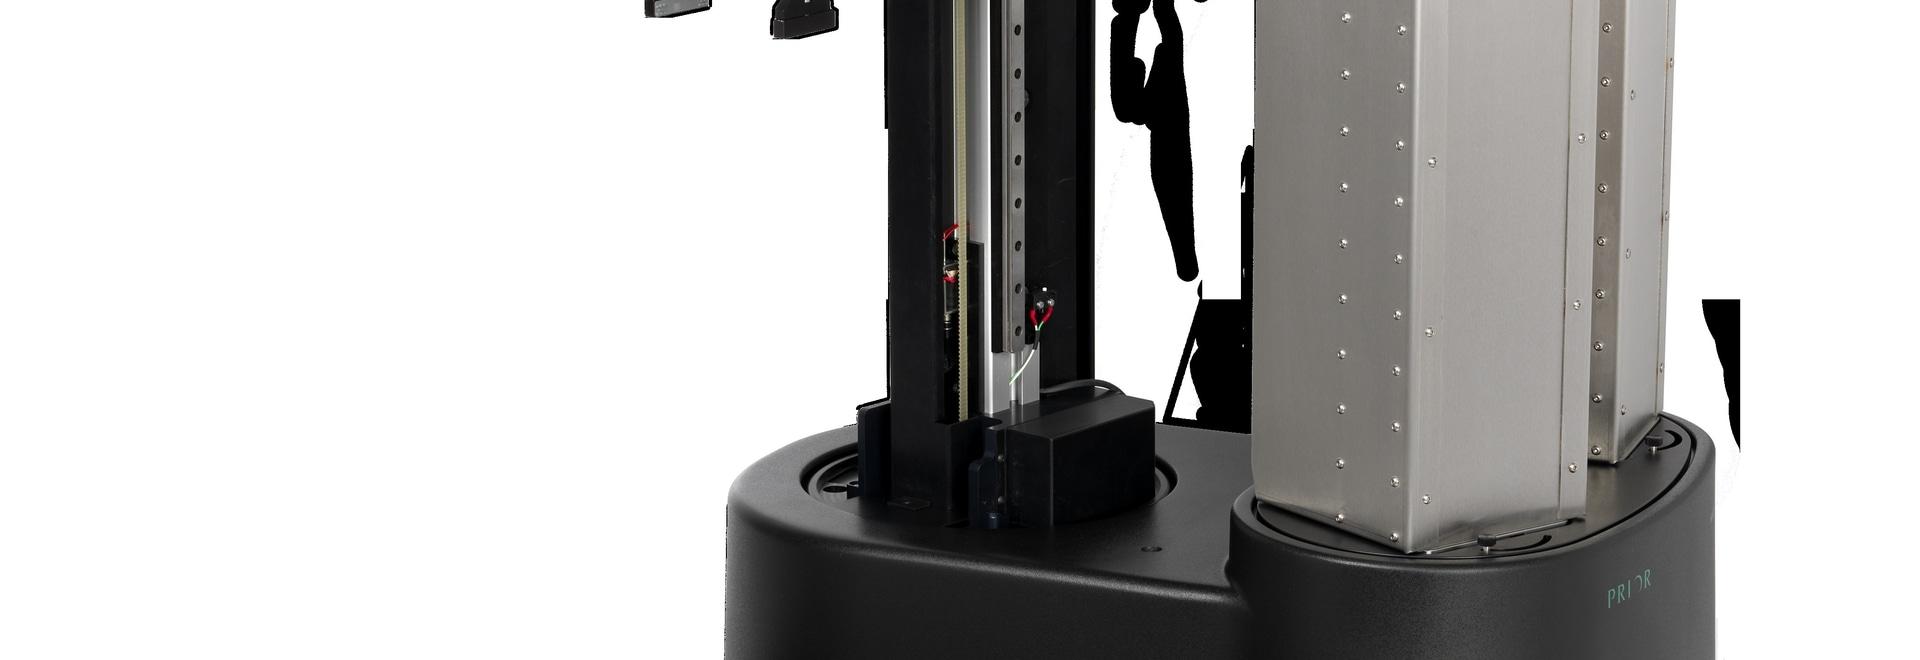 Cargador robótico de Microplate del microscopio usado para automatizar la prueba de la solubilidad